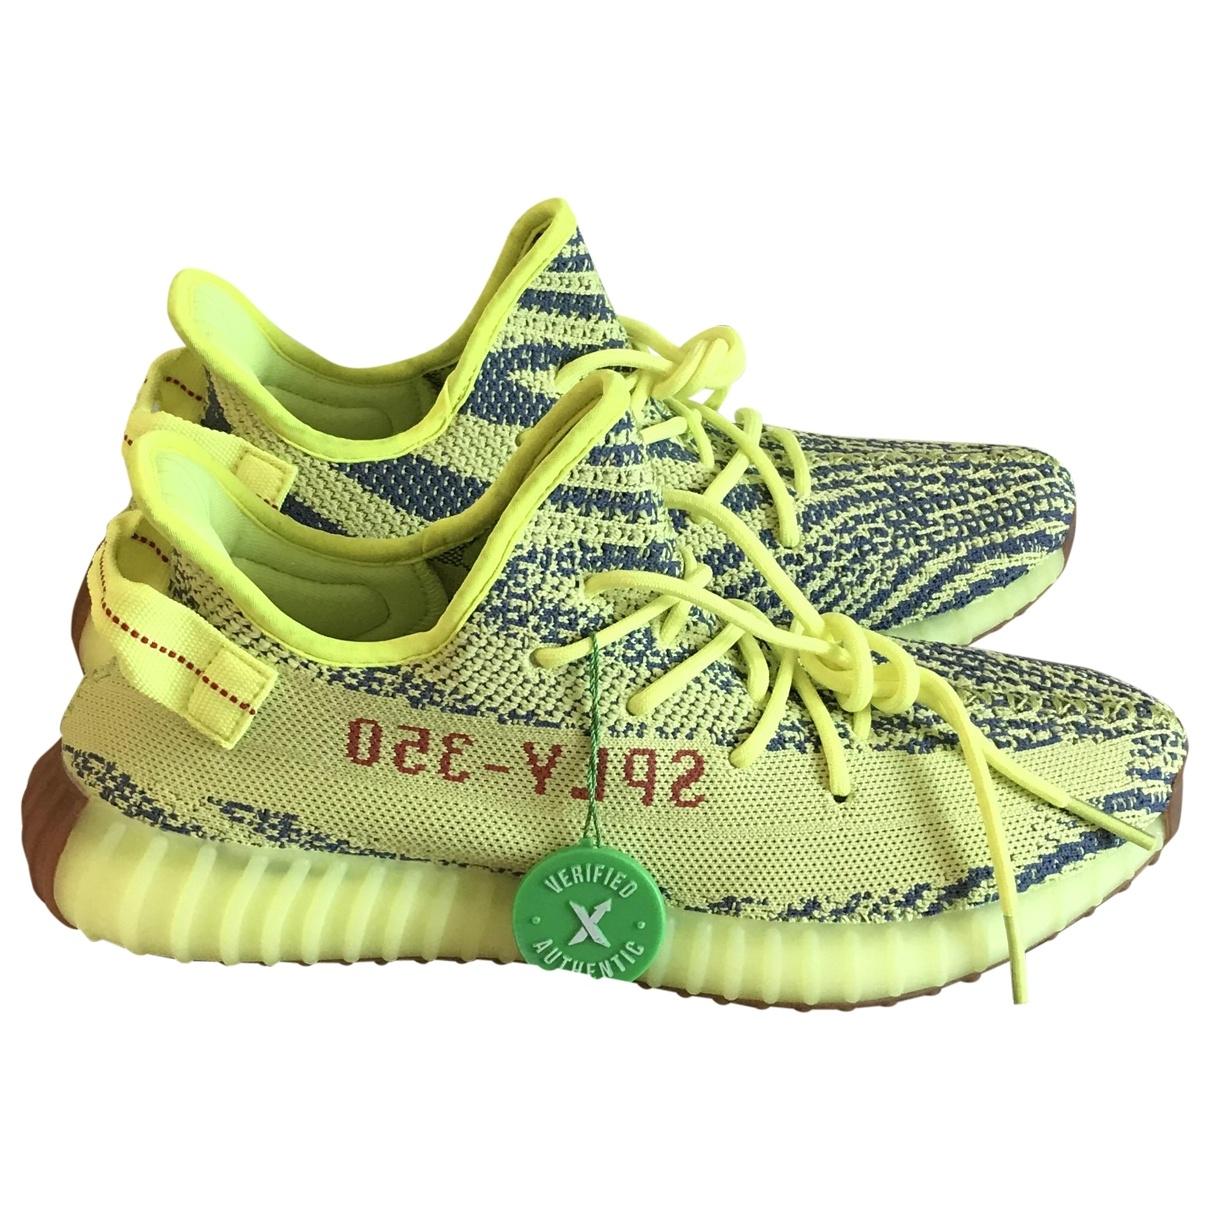 Yeezy X Adidas - Baskets   pour homme en toile - jaune